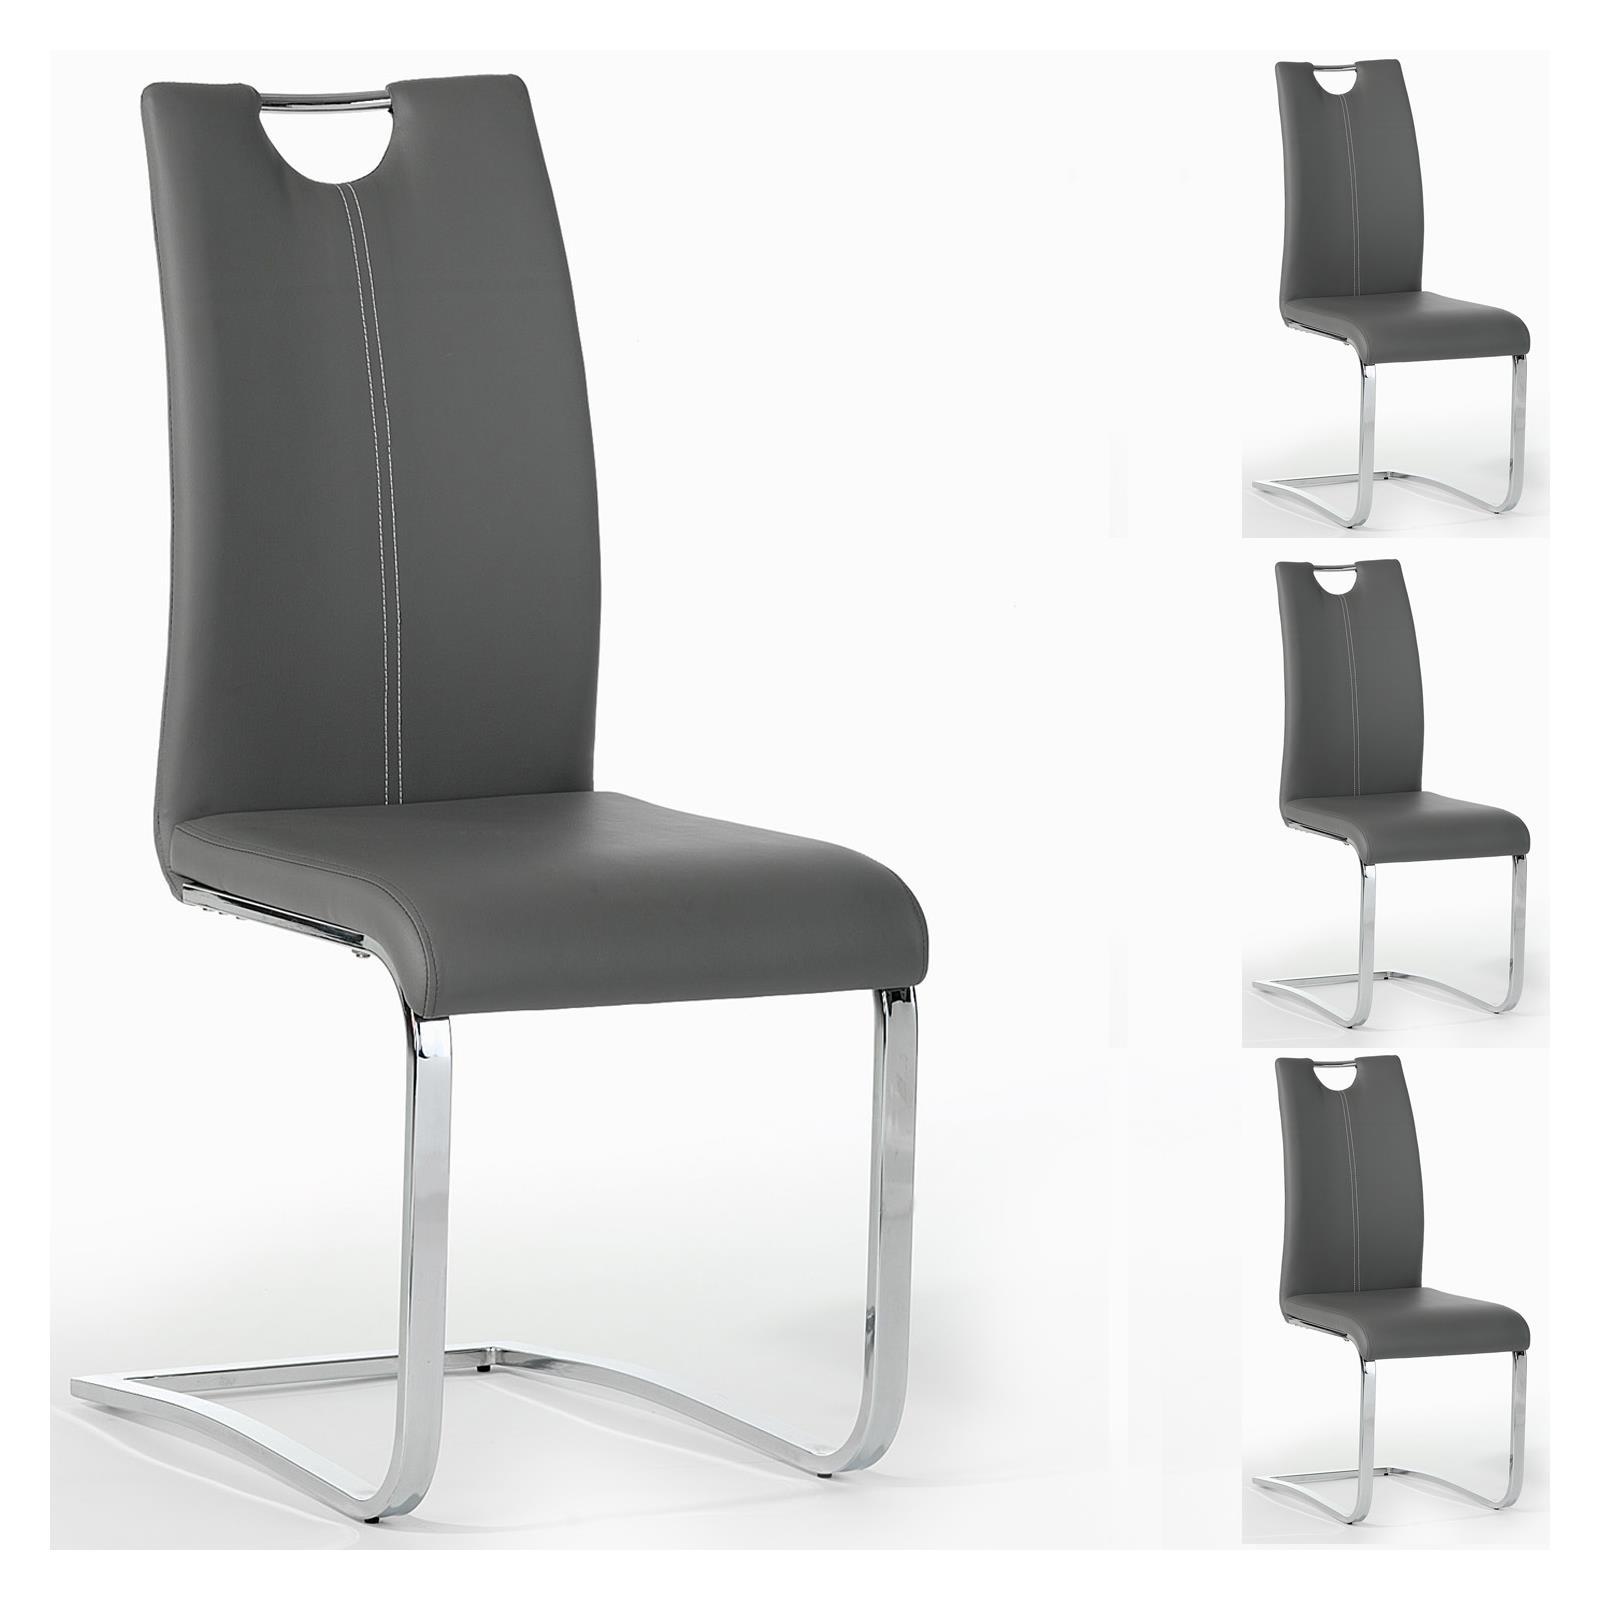 Lot-de-4-chaises-de-salle-a-manger-pietement-chrome-revetement-synthetique